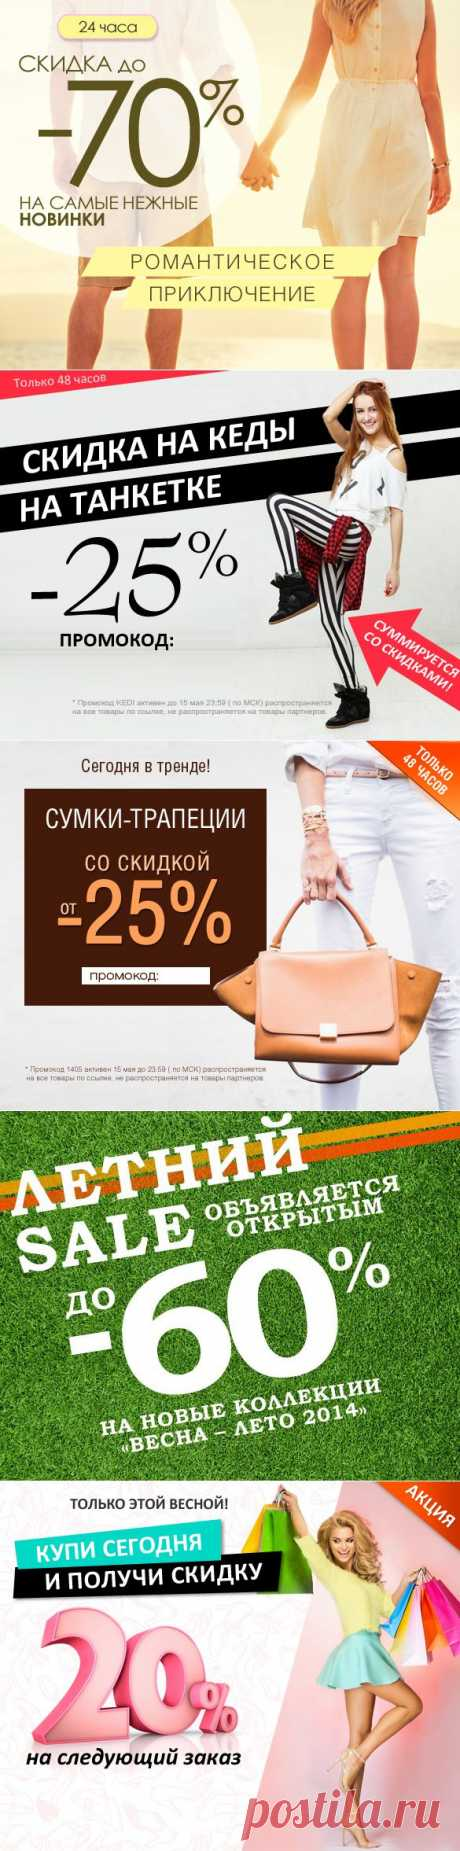 Sapato.ru — la tienda de Internet del calzado. La venta del calzado con la entrega a Rusia. El catálogo enorme y el constantemente surtido que se aumenta del calzado, exclusivo el modelo.